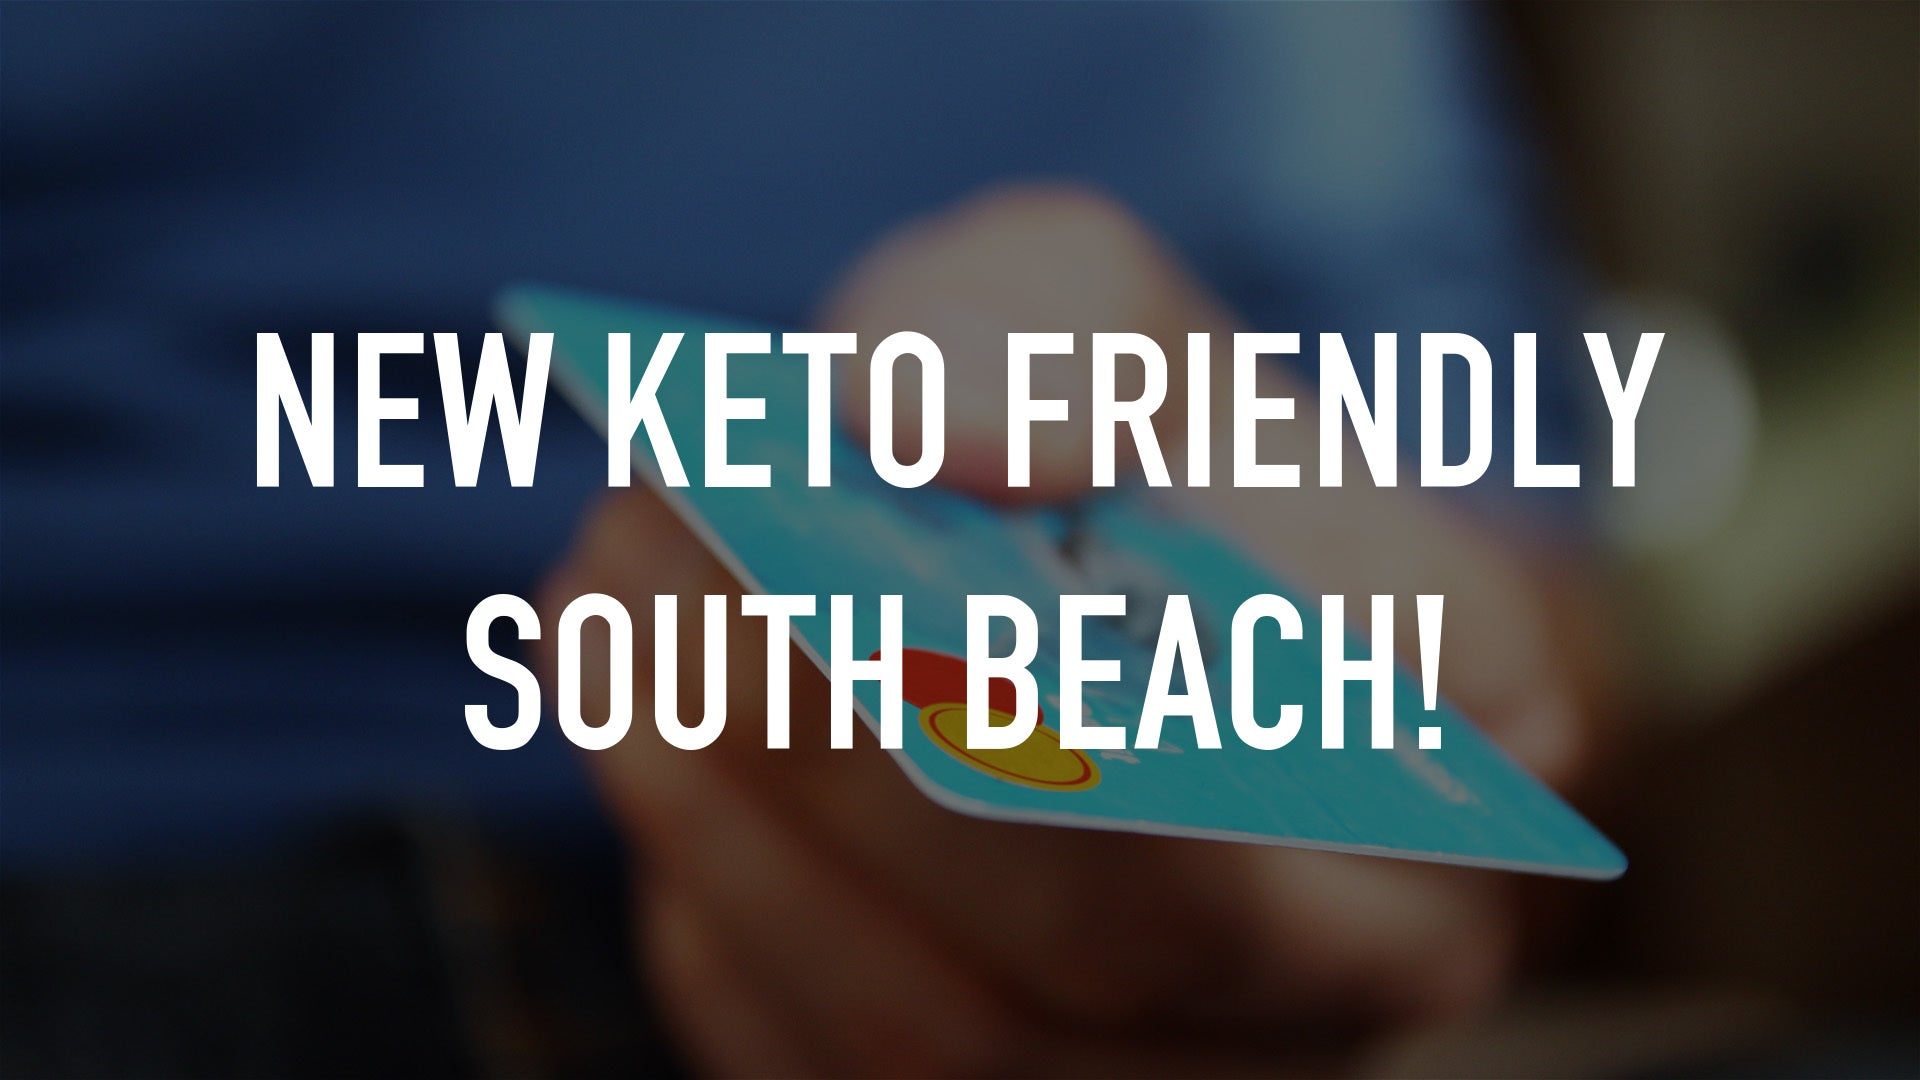 New Keto Friendly South Beach!